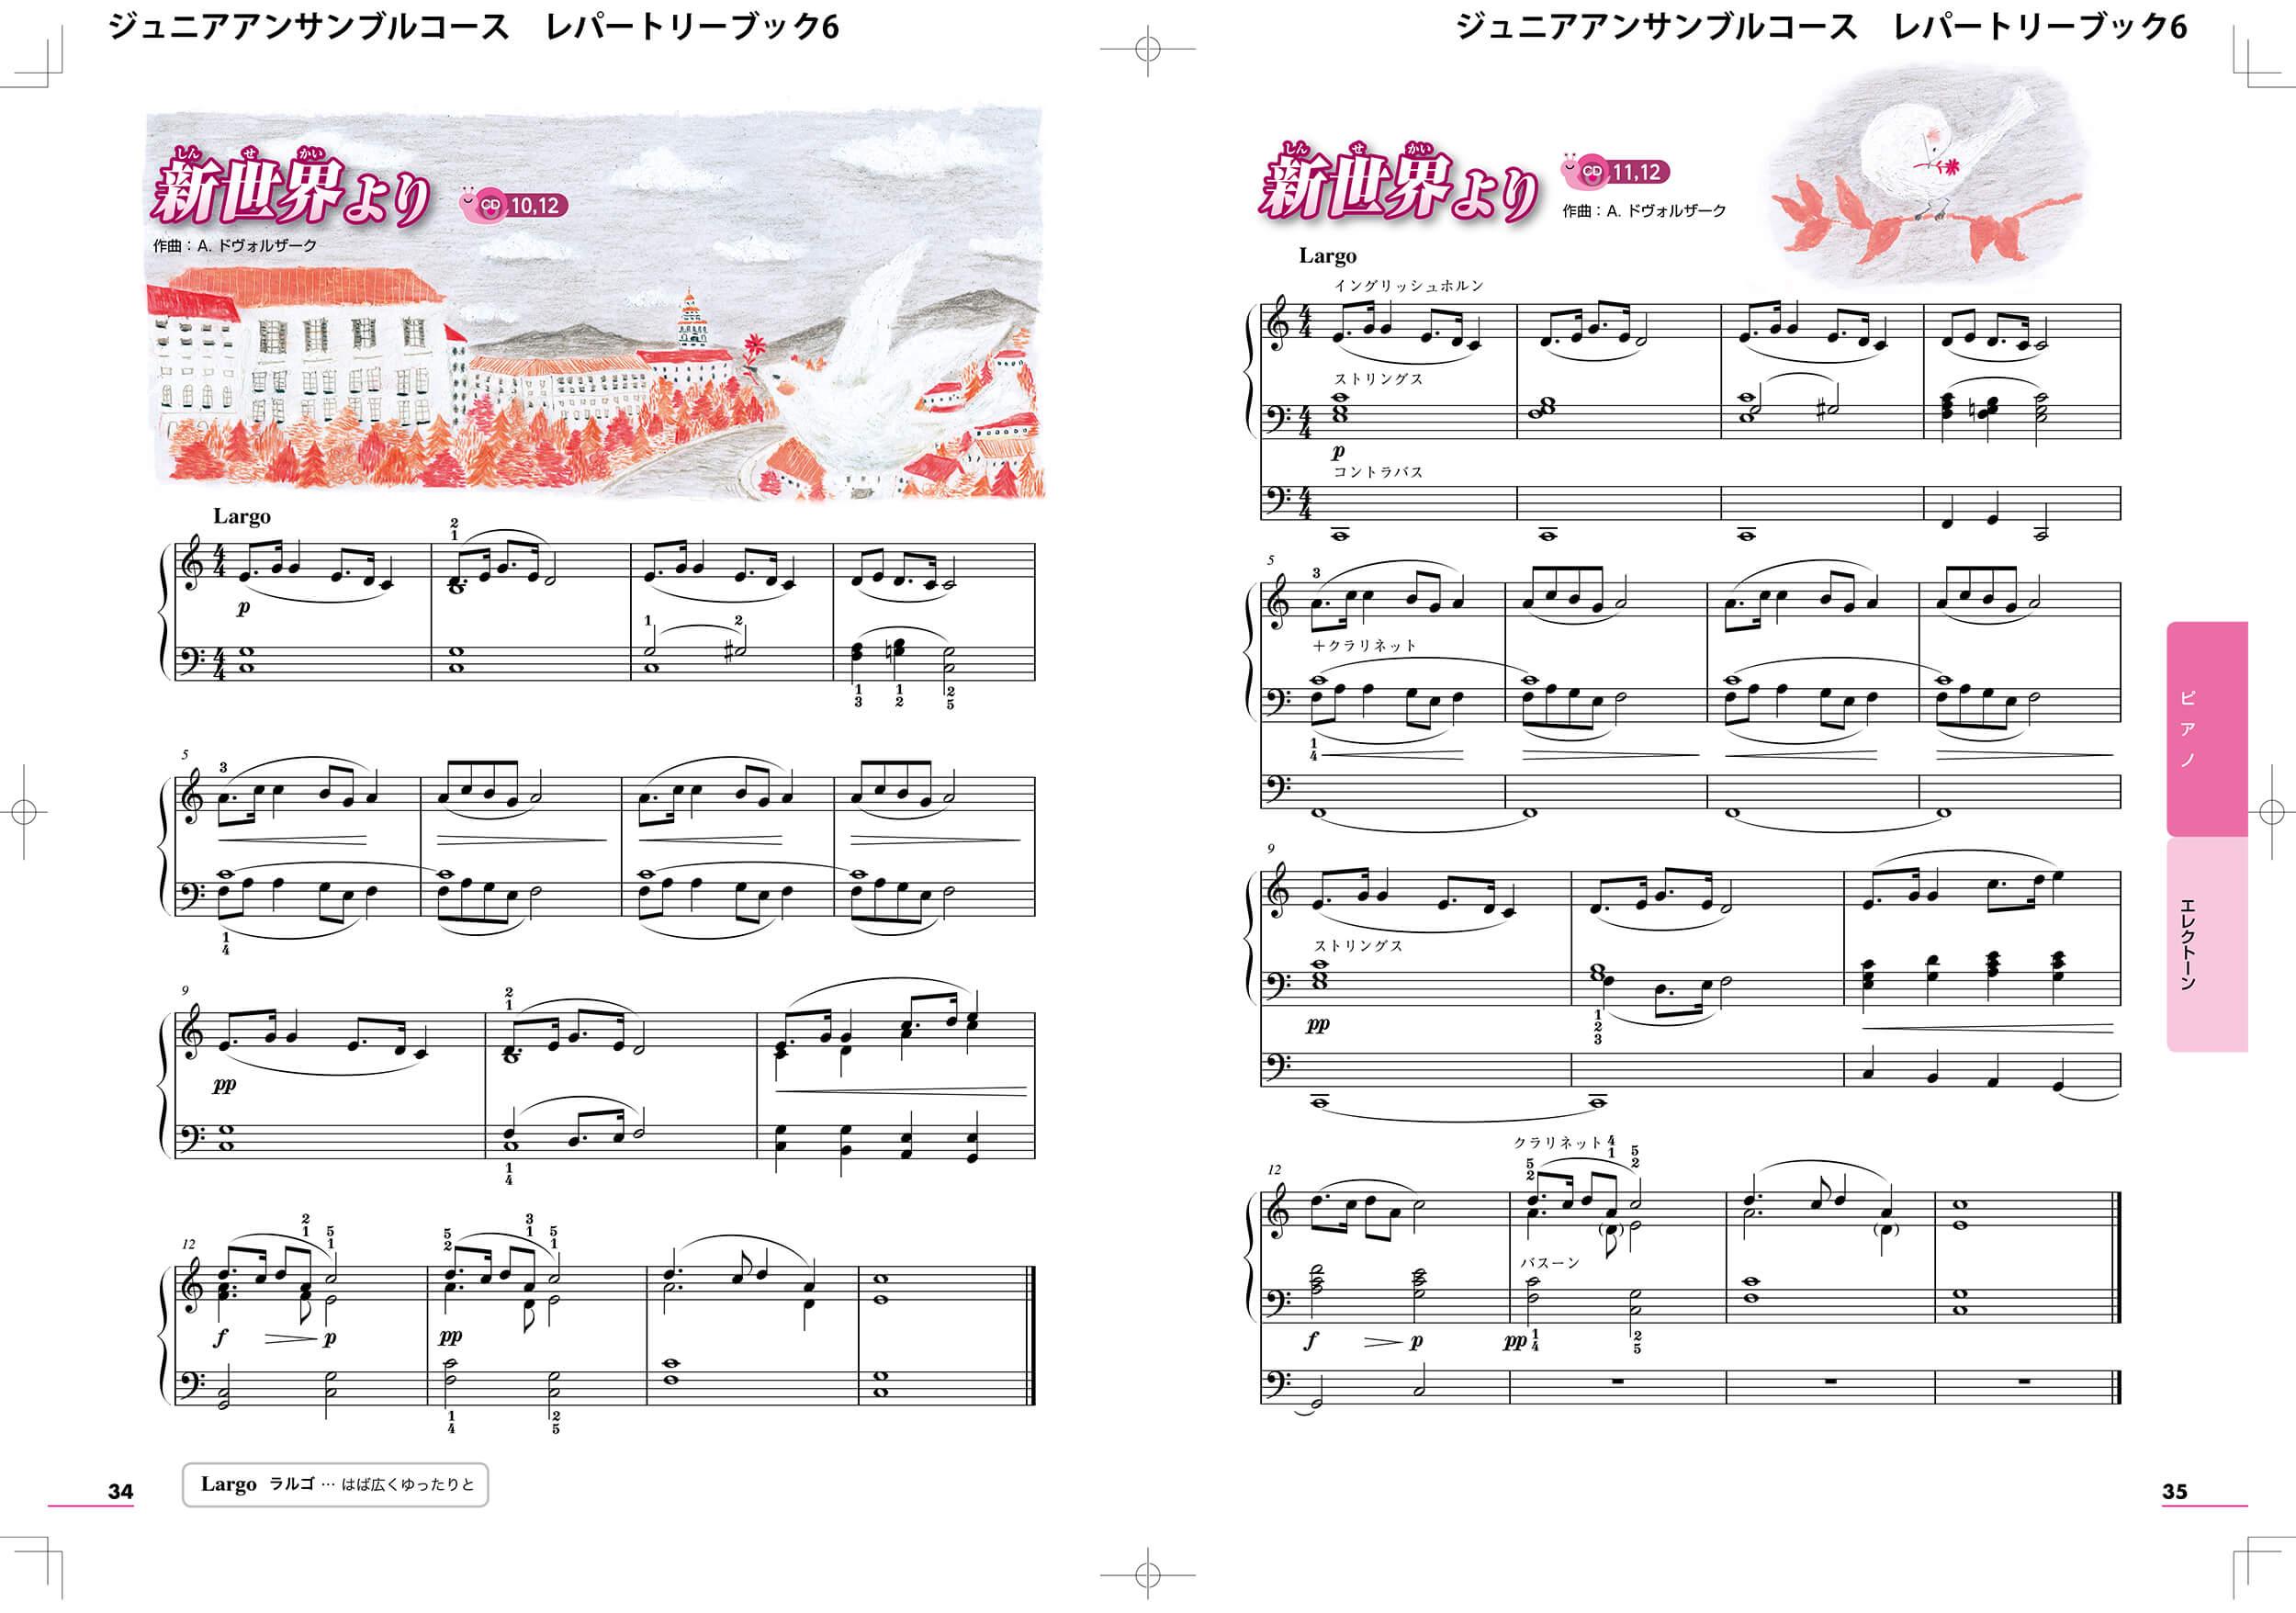 ヤマハ音楽教室楽譜 挿絵 2016年「町並みと花を加える鳥」